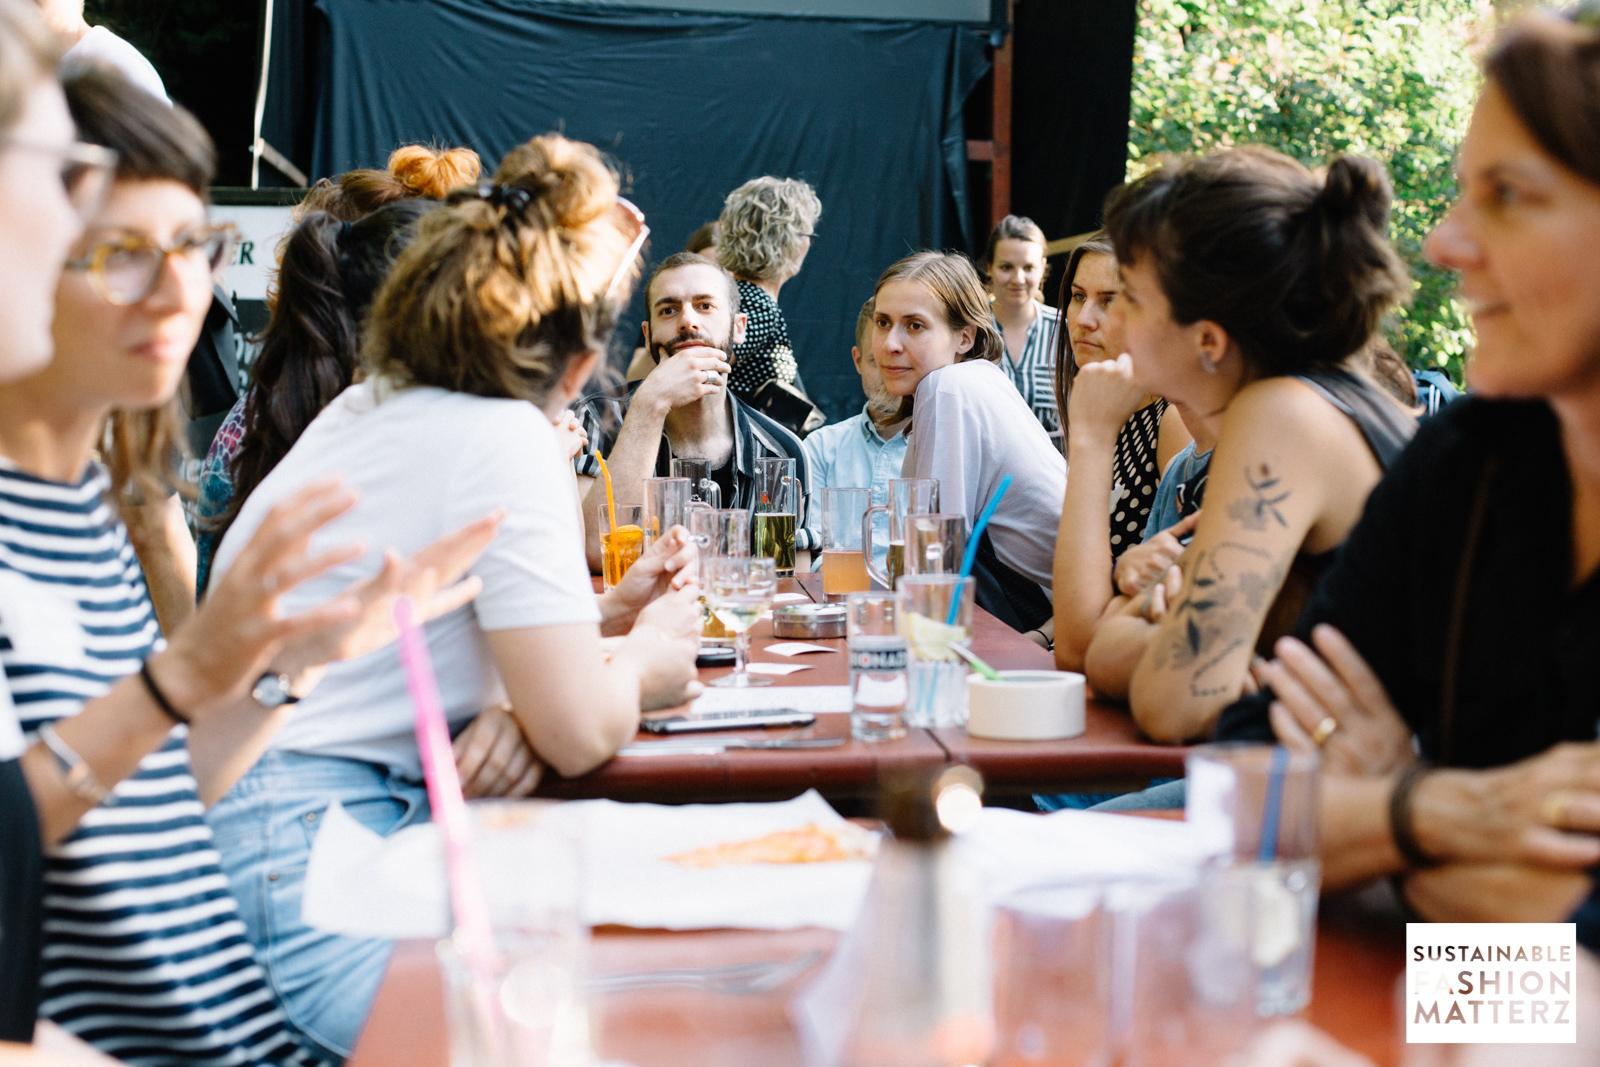 textilstammtisch-berlin-sustainable-fashion-meetup-17.jpg